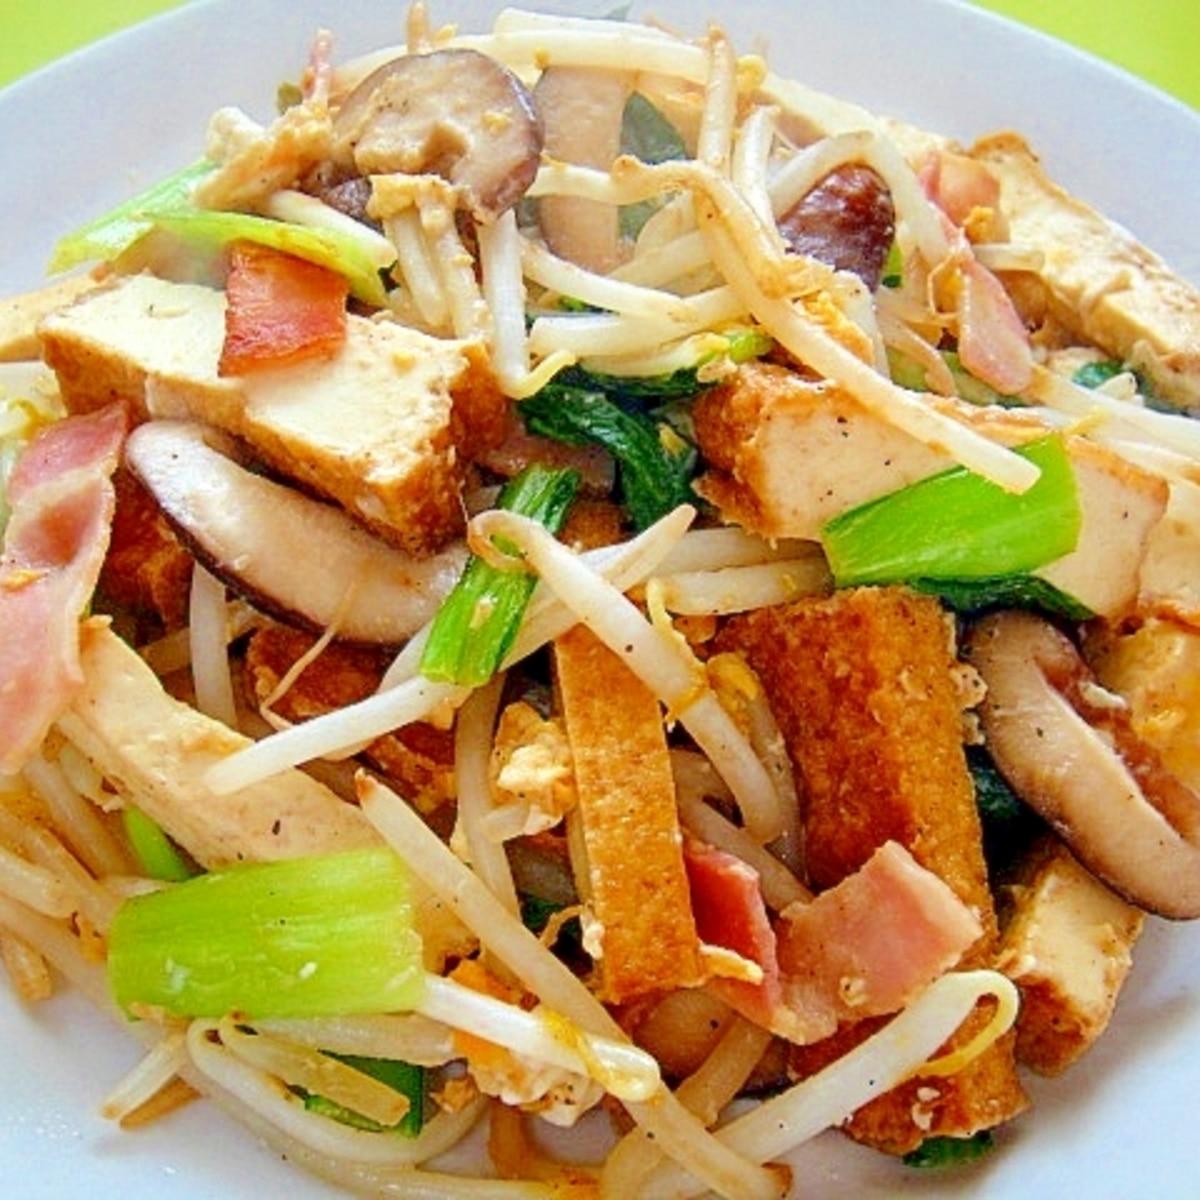 揚げ 人気 厚 小松菜 レシピ 小松菜と厚揚げのオイスター炒め 作り方・レシピ